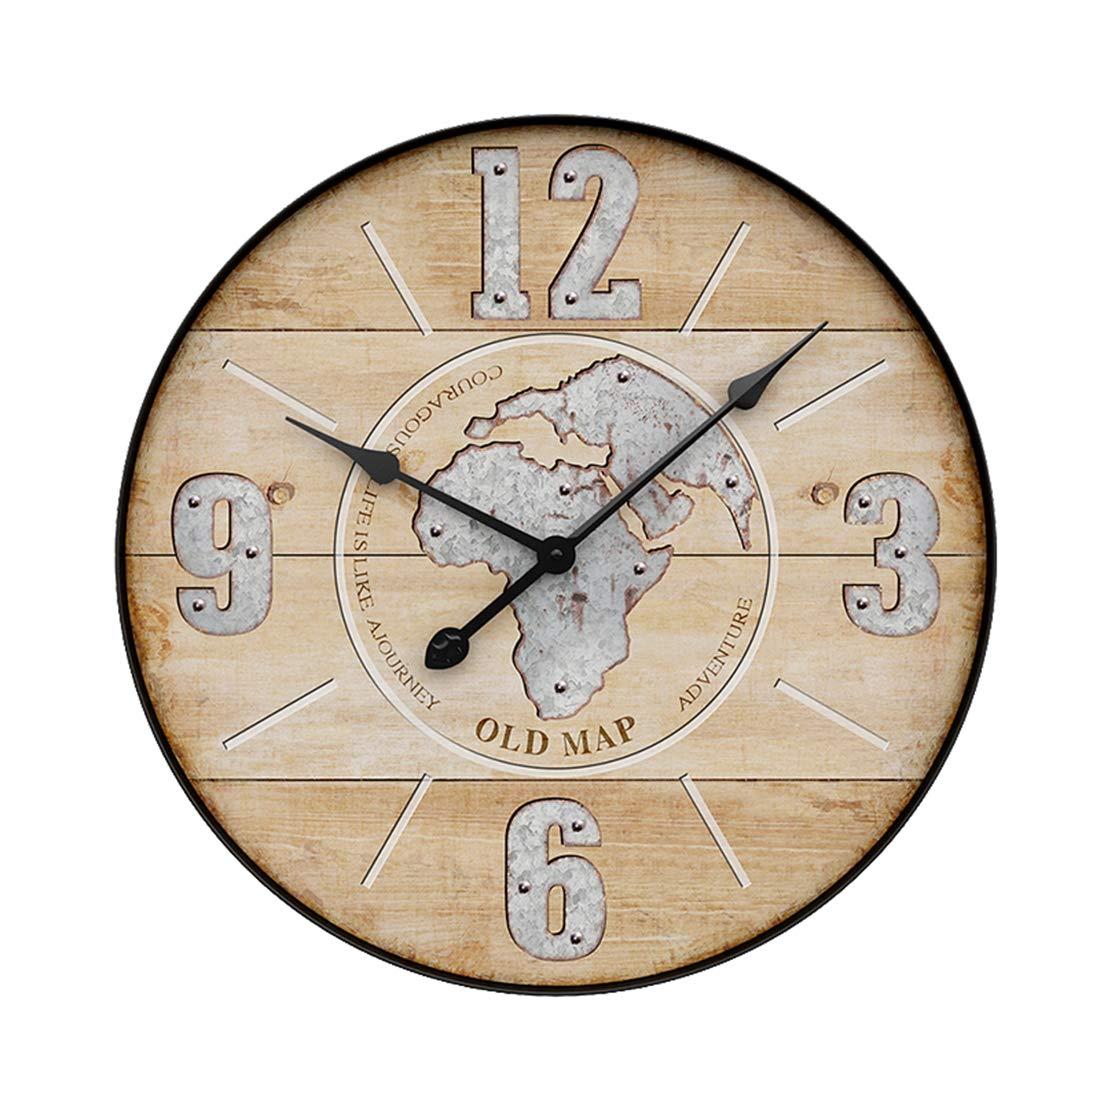 UOPJKL 50cm Nordischer Stil Ring aus Eisen Vintage Wanduhr Küchenuhr ohne Ticken Wanduhr groß als Deko für für Küche, Wohnzimmer, Schlafzimmer, Büro, Klassenzimmer